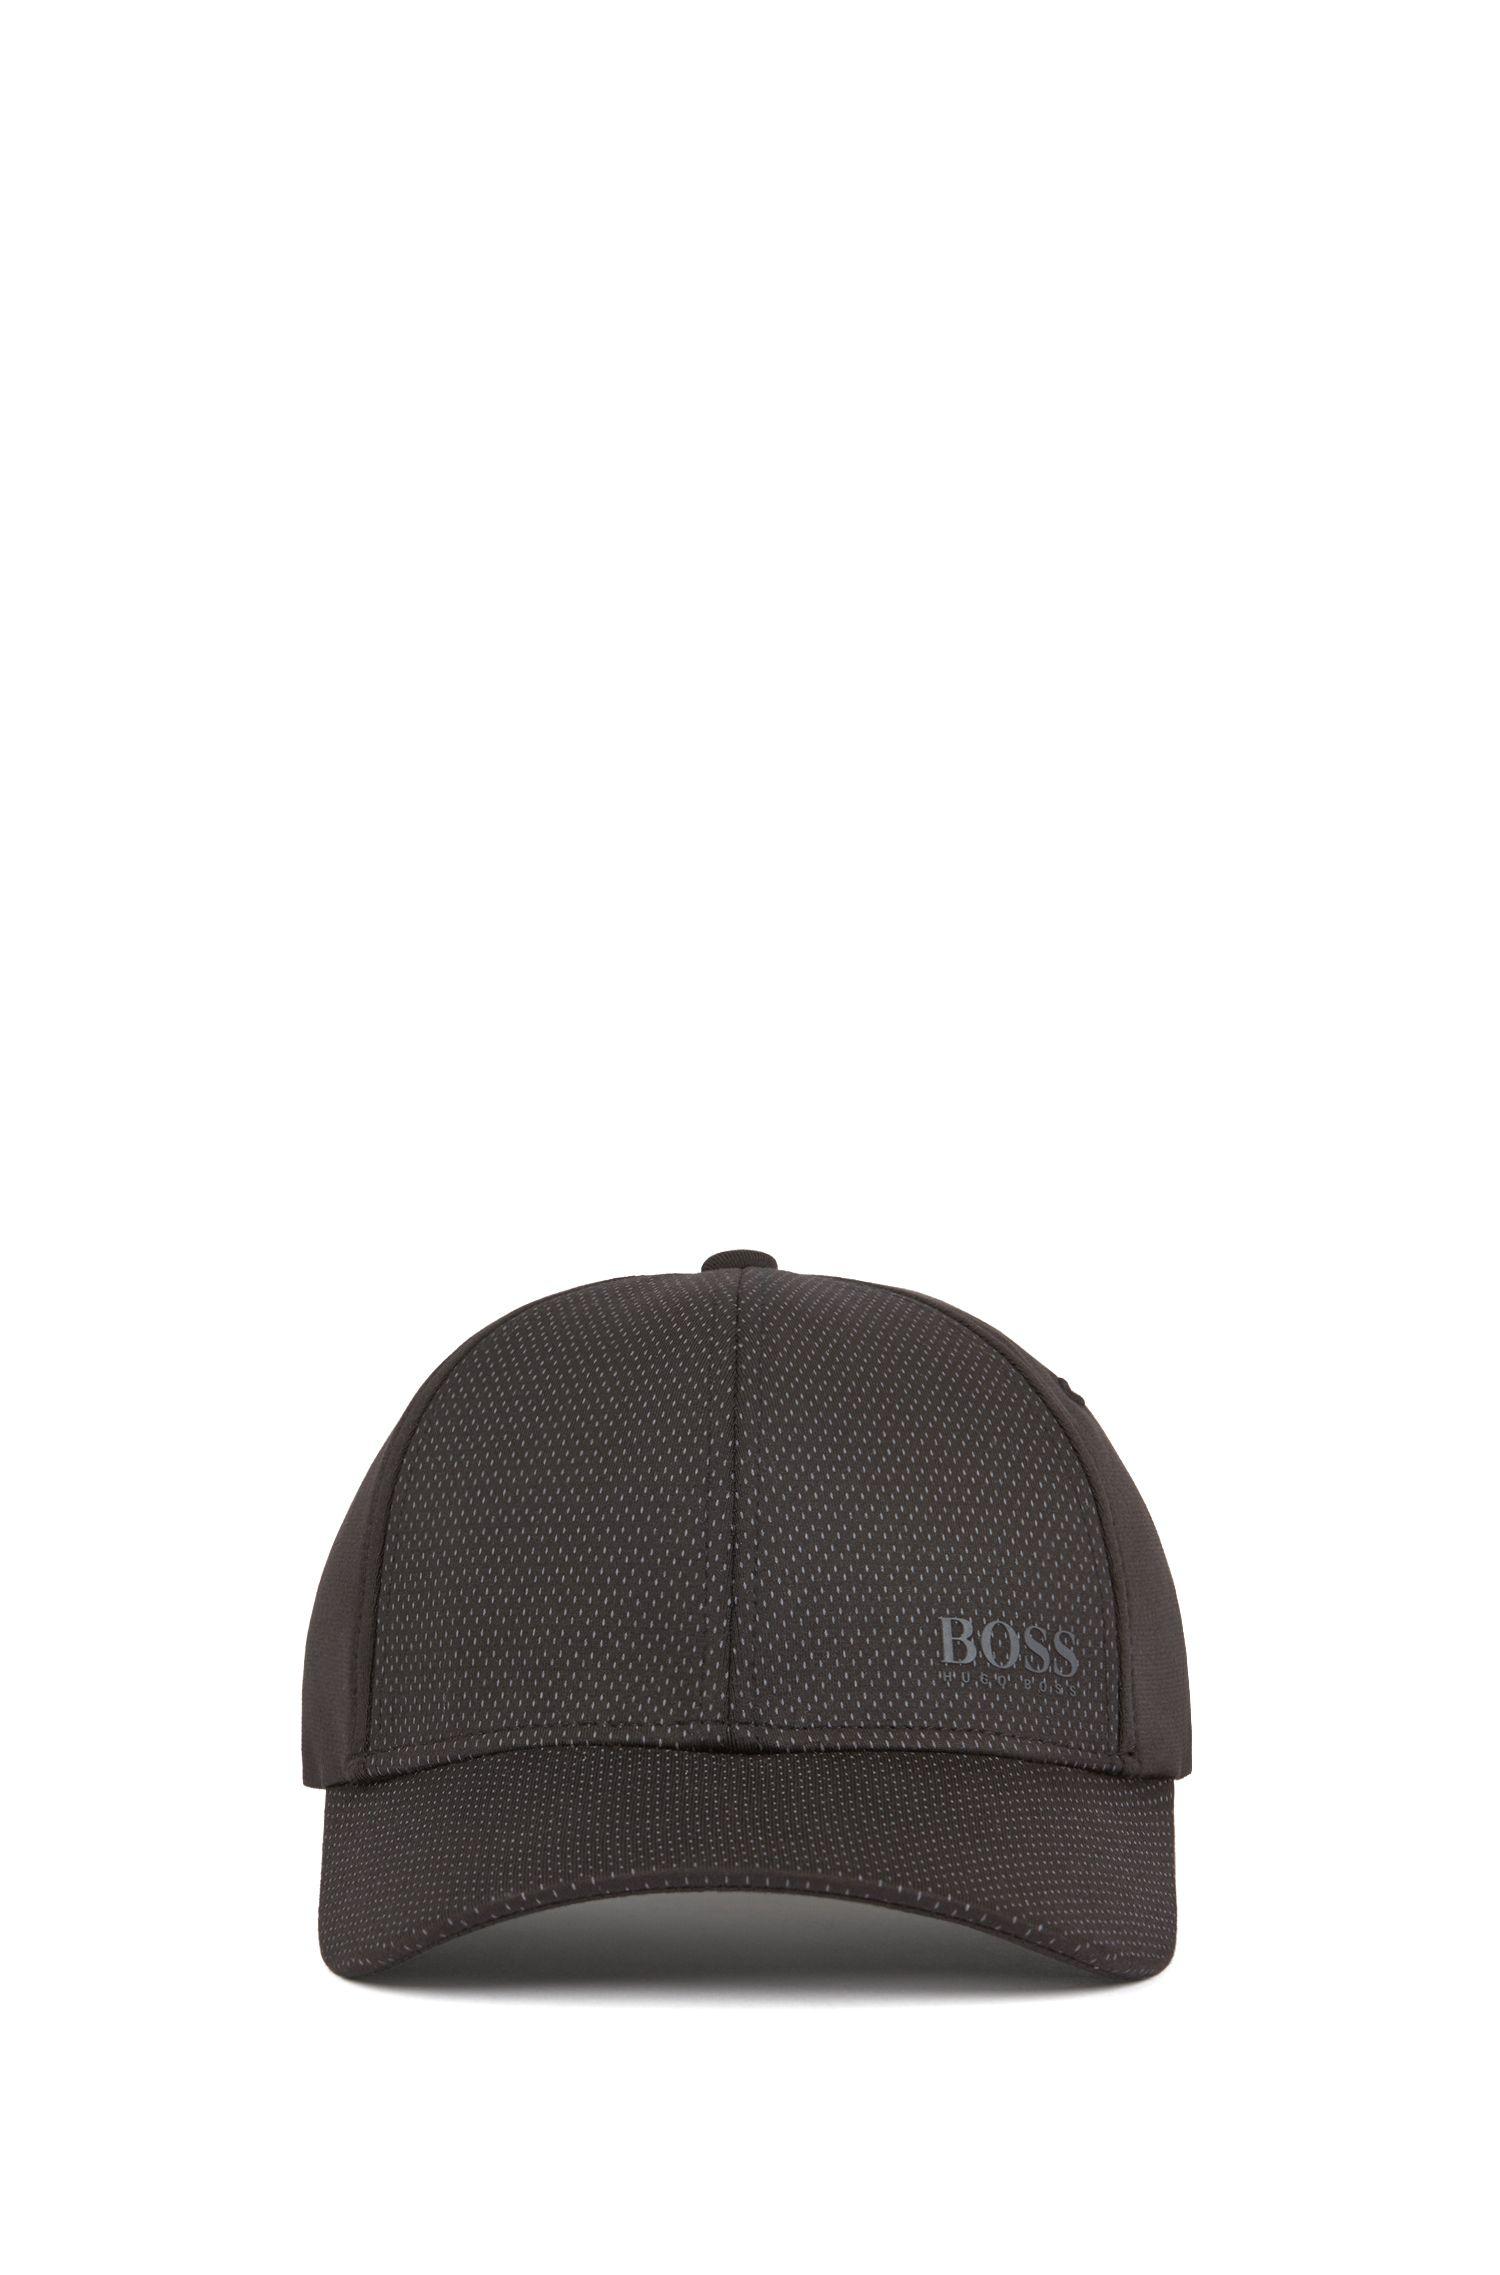 Gorra con logo en tejido elástico técnico con estructura de malla y S.Café®, Negro